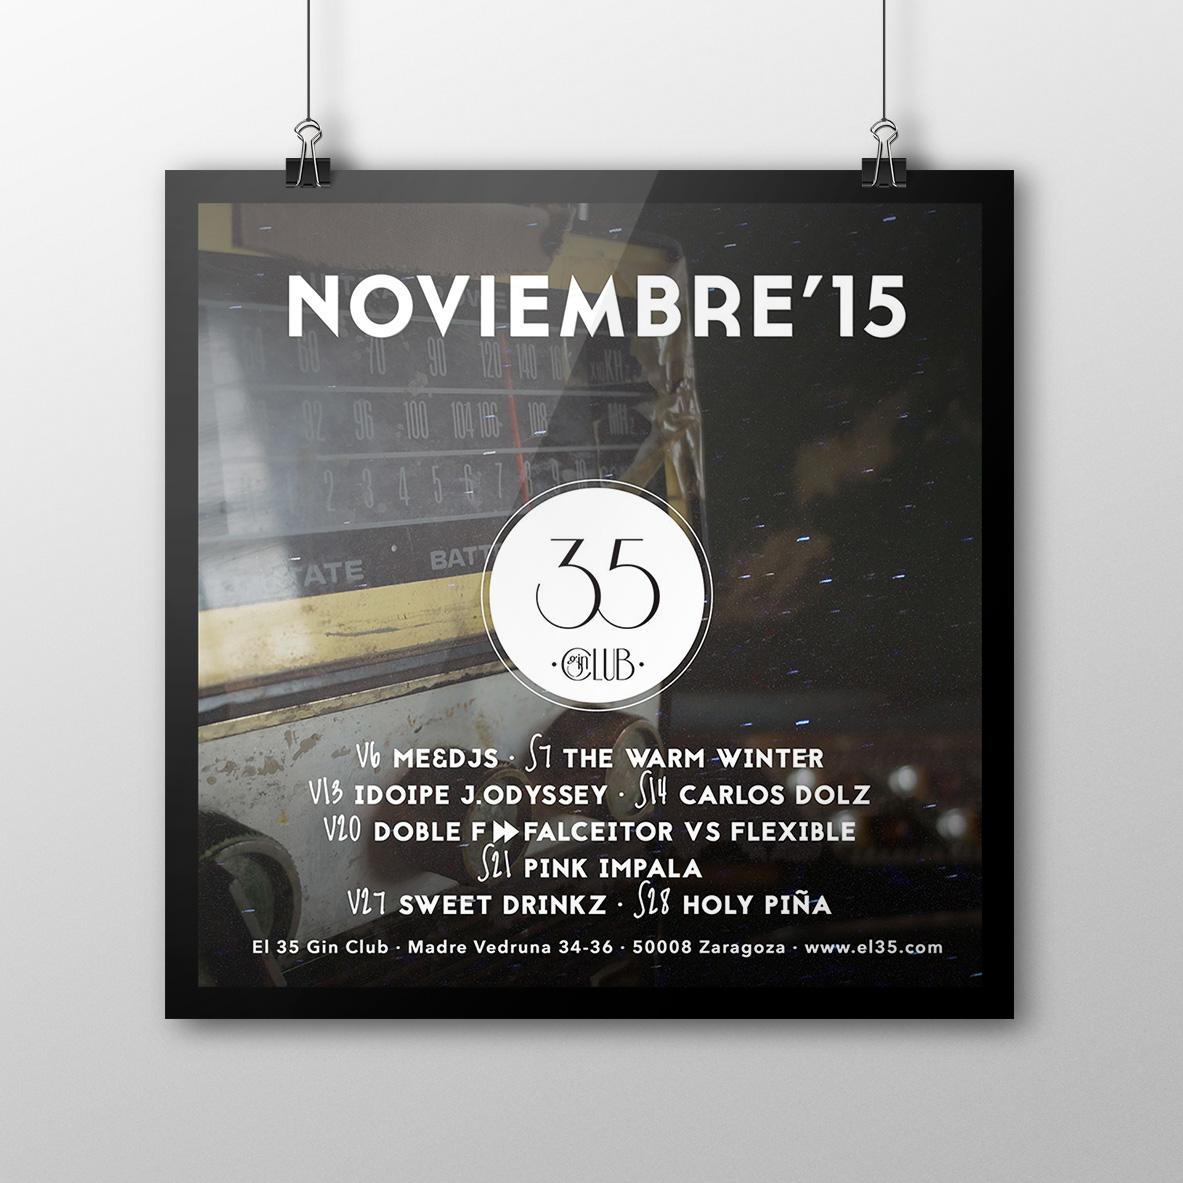 Flyer El 35 Gin Club - Programación Noviembre 2015